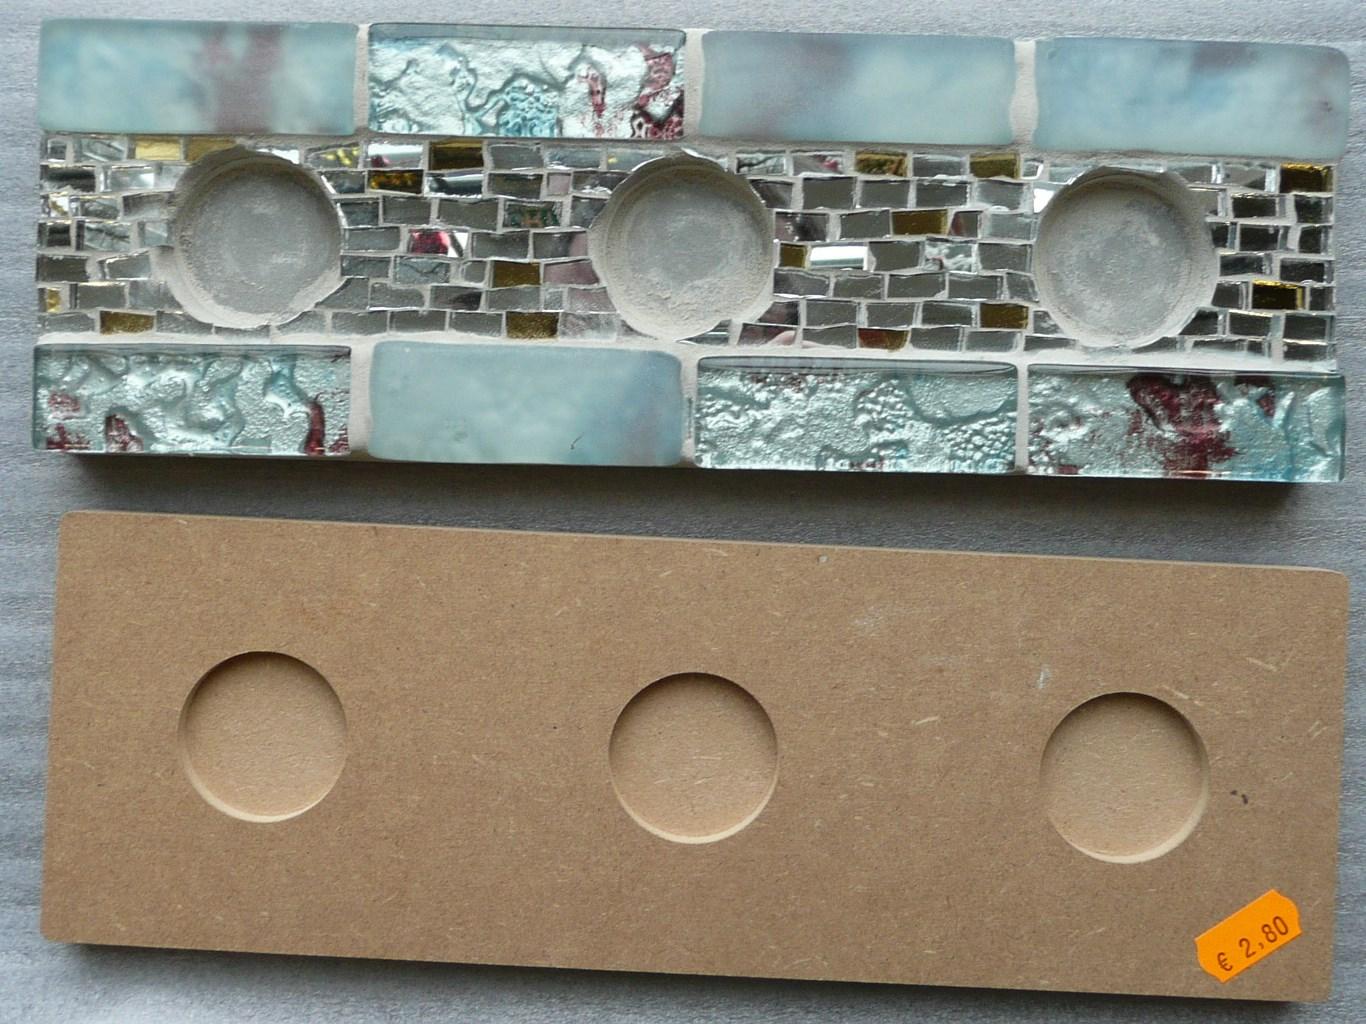 D couvrez les supports loisirs cr atifs et fibre ciment - Materiel loisirs creatifs pas cher ...